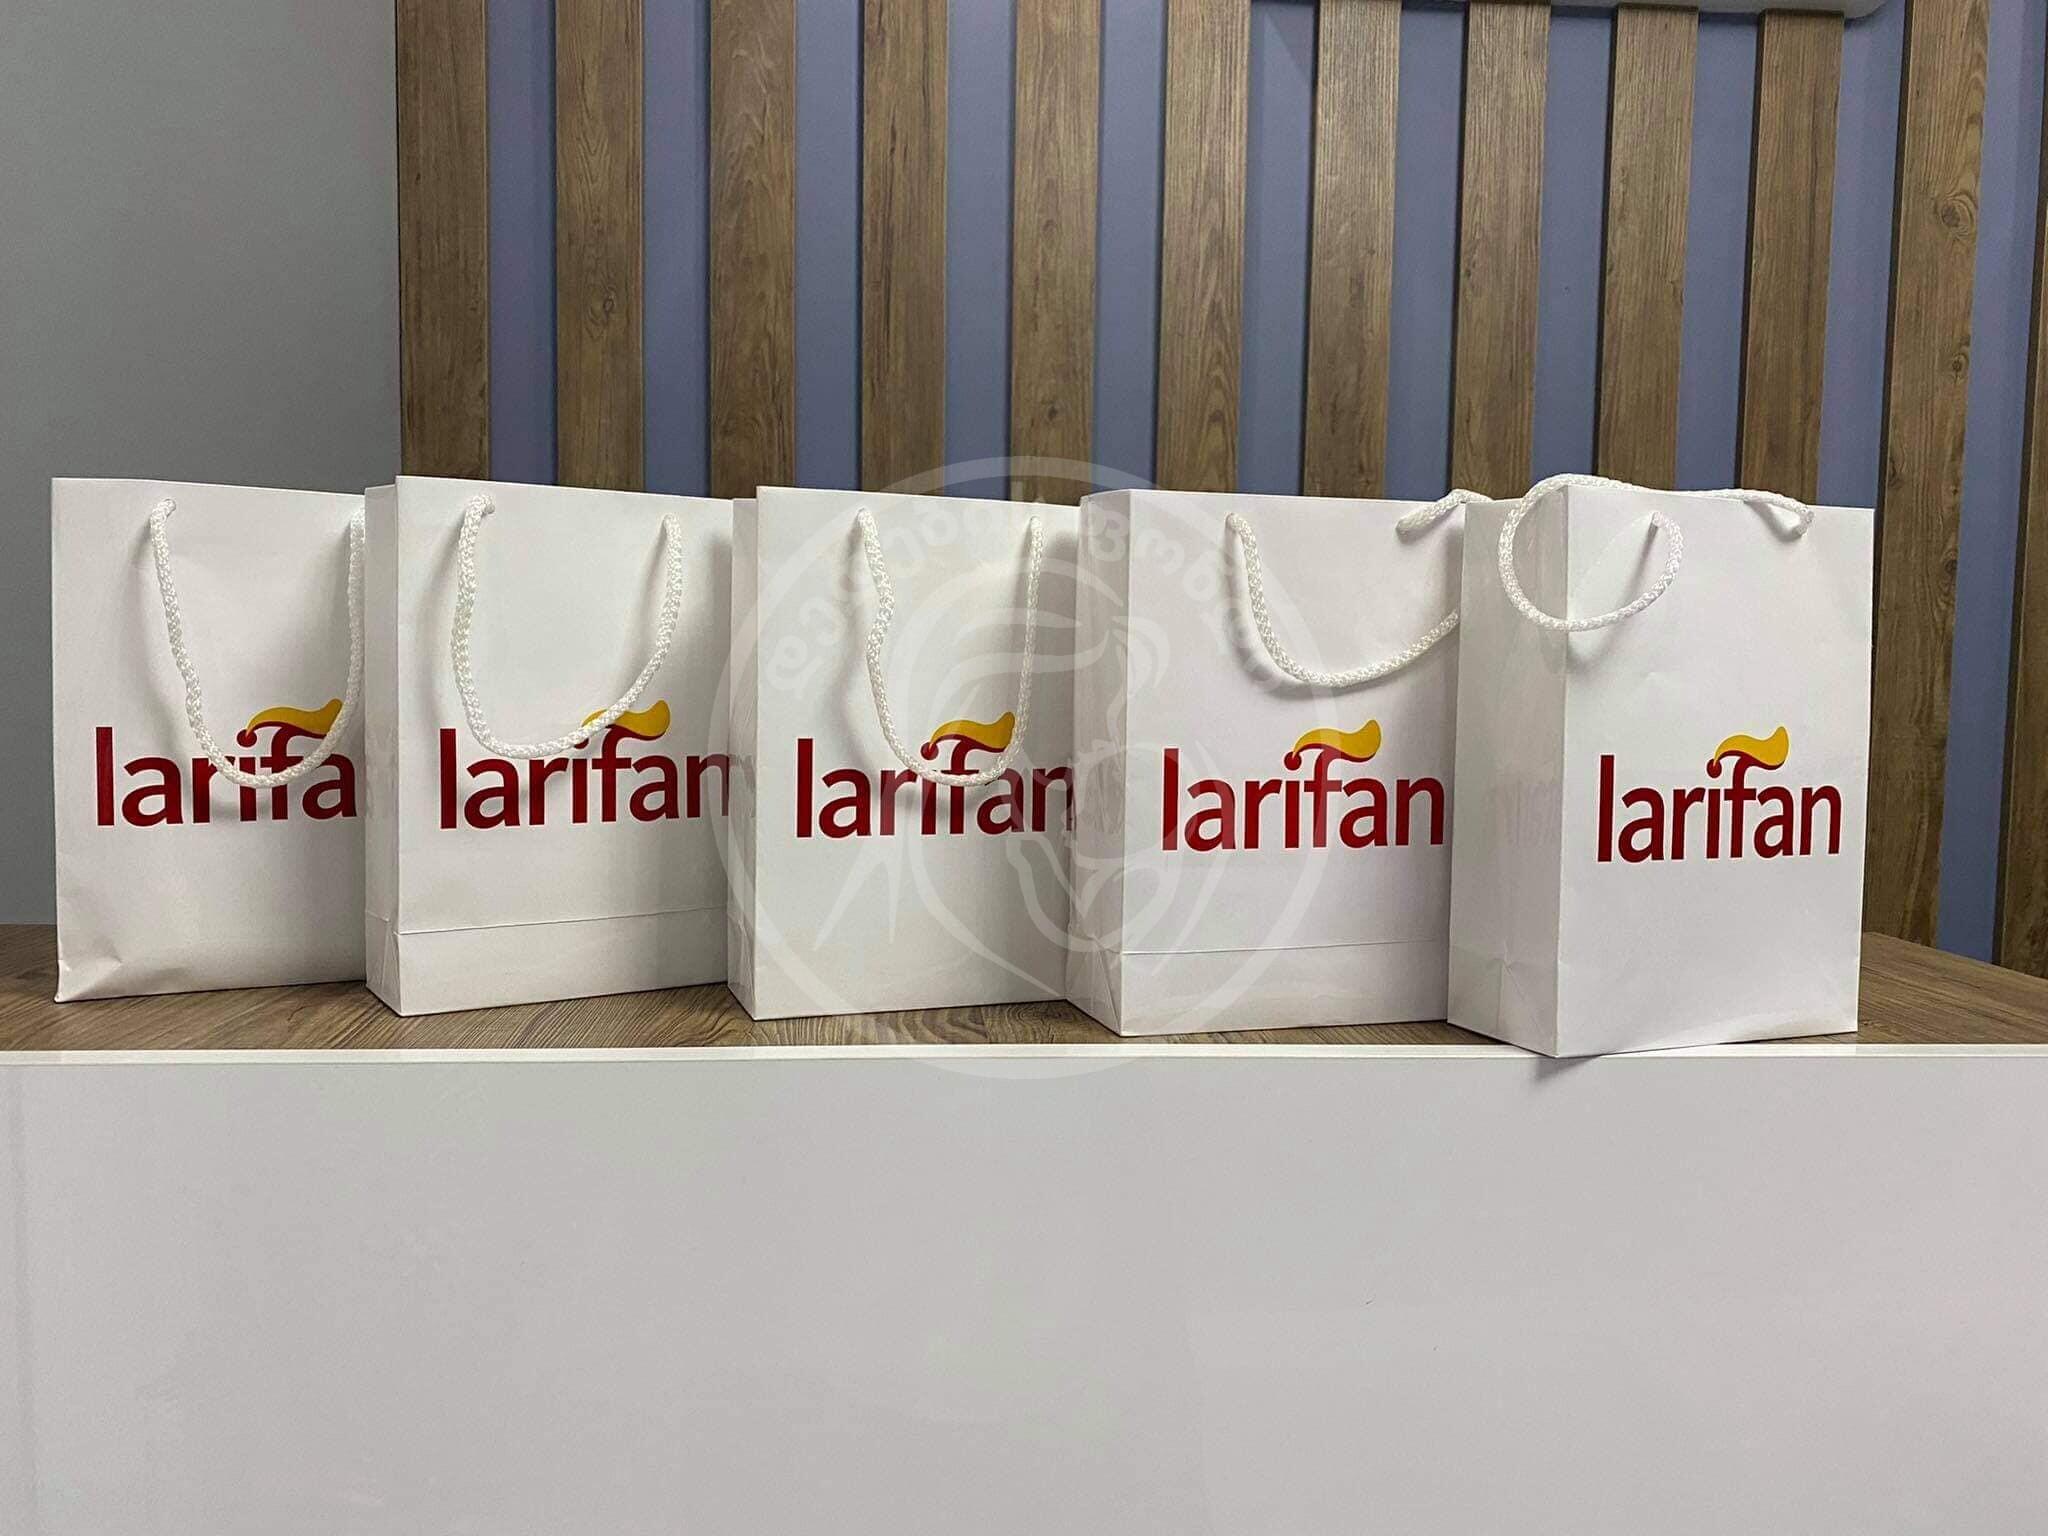 ლარიფანი – Larifan